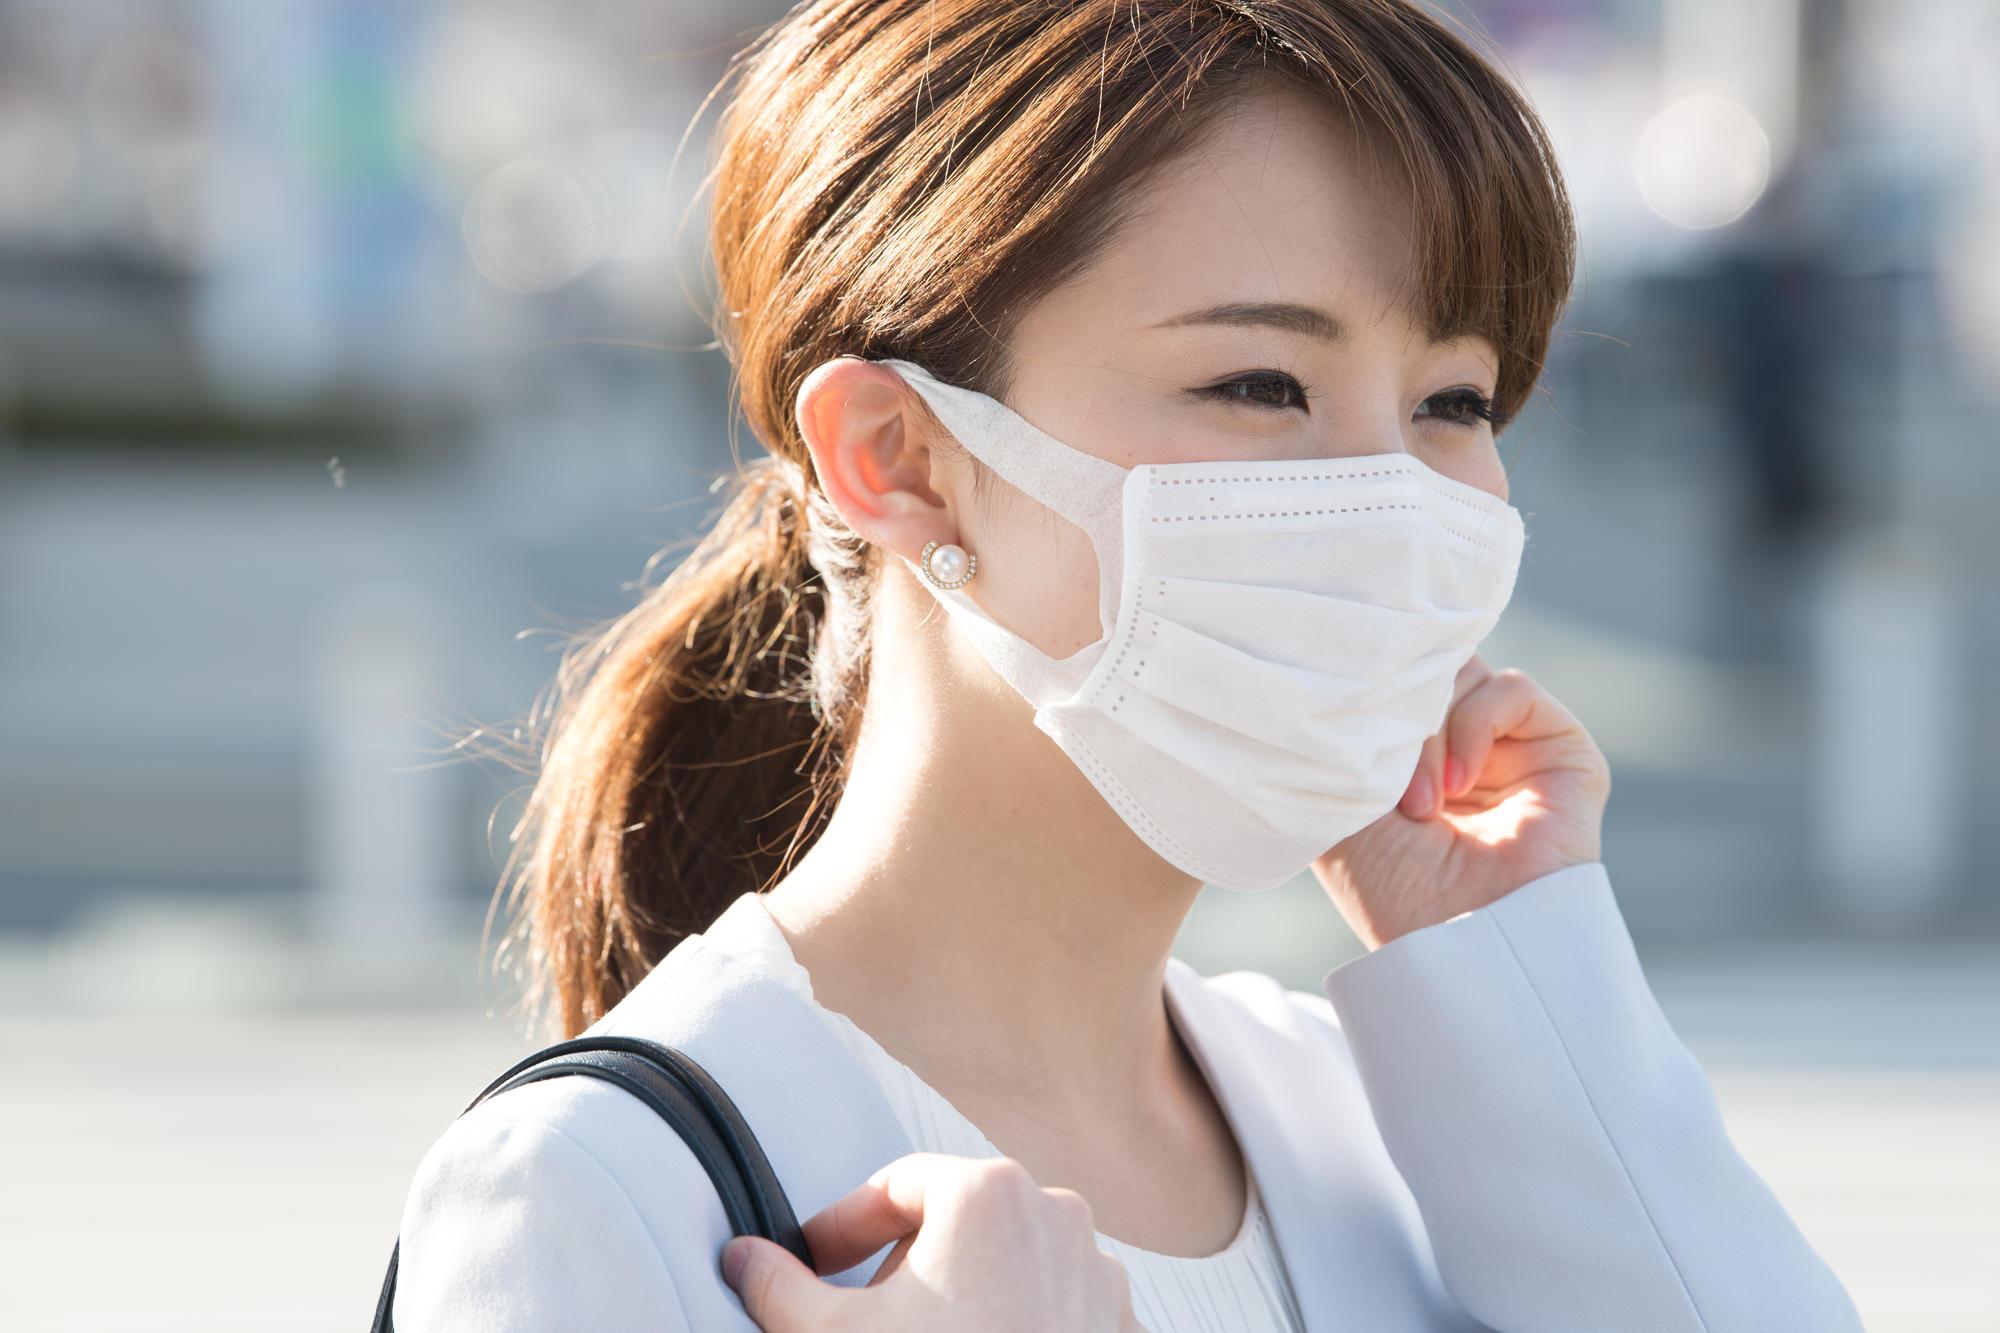 マスク海外の反応 「アベノマスク」海外でも報道 マスク配布に「冗談か」